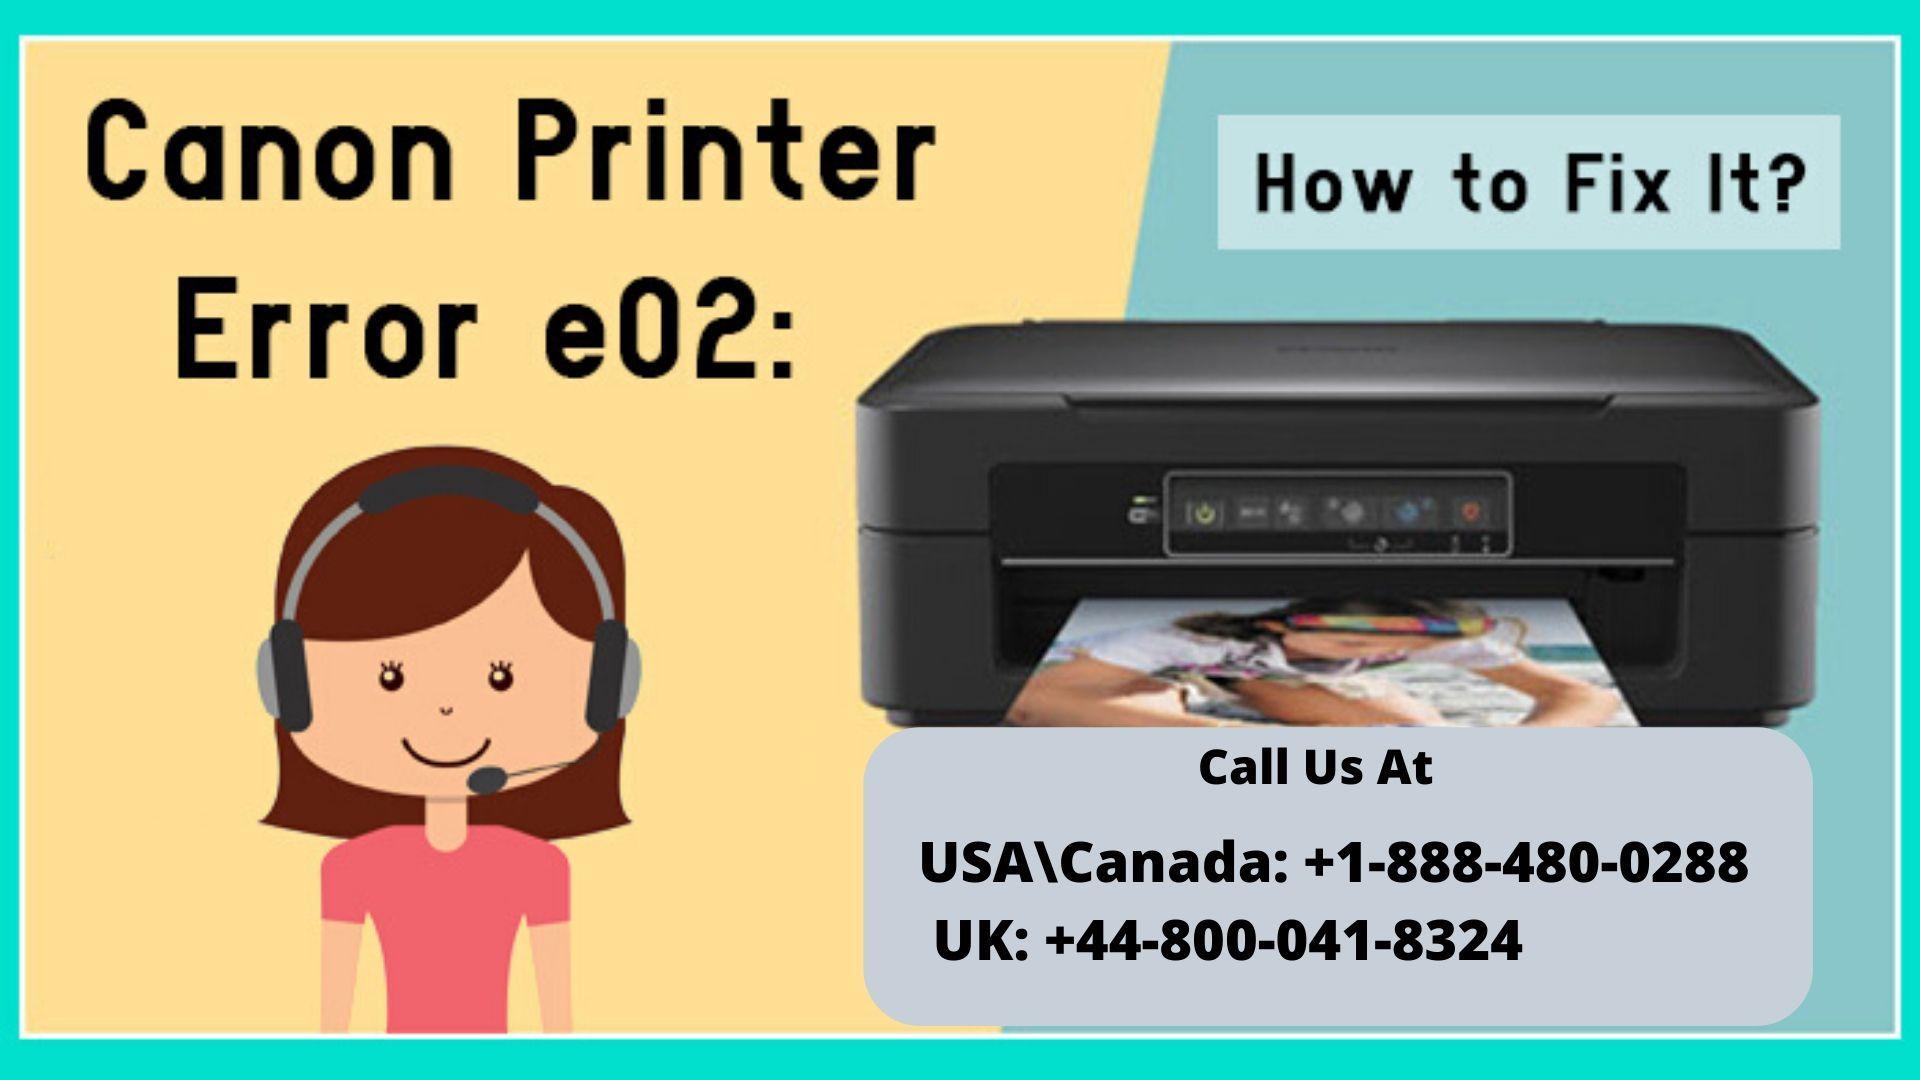 6c45ce546c2cf9876a0e19364d1f5ca1 - How Do You Get A Printer To Go Online